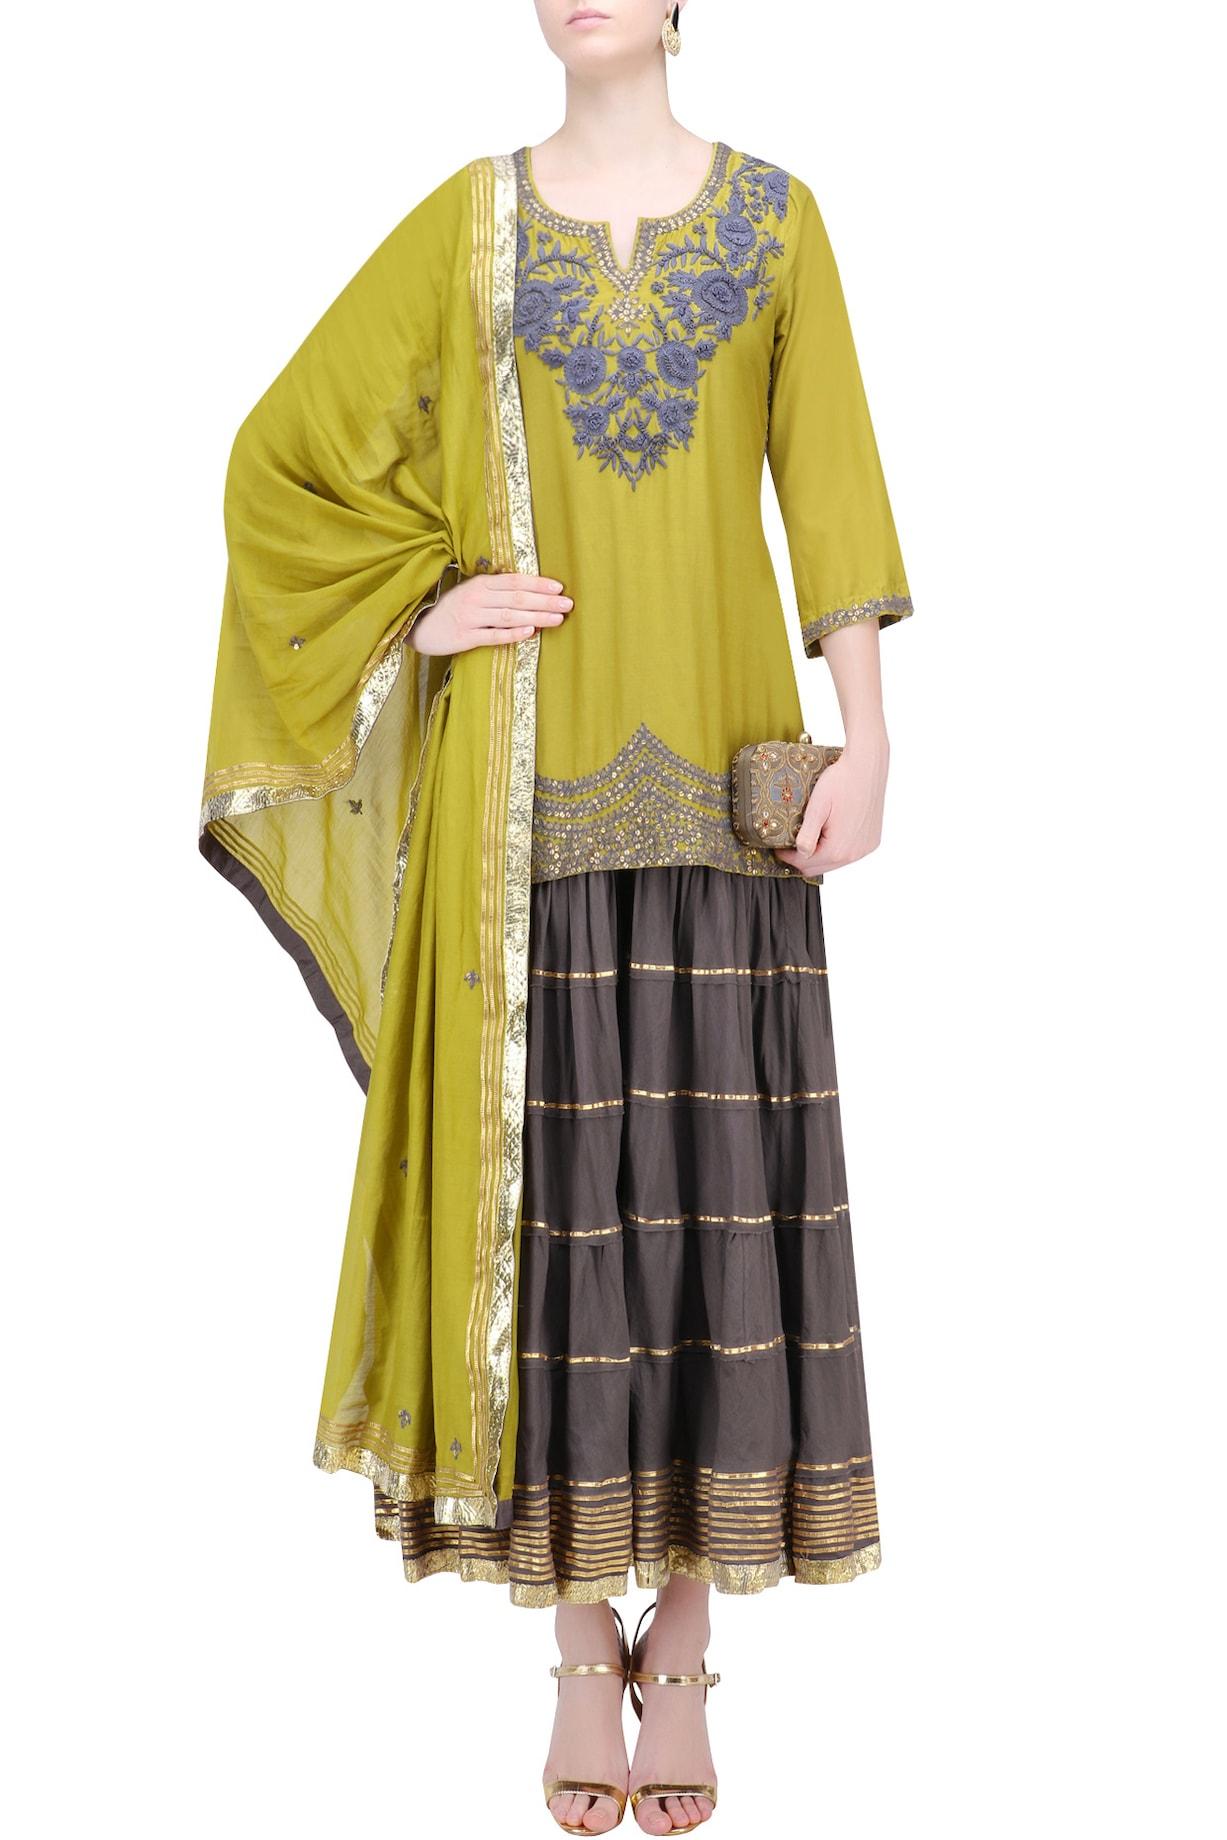 RAJH By Bani & Sheena Sharara Sets